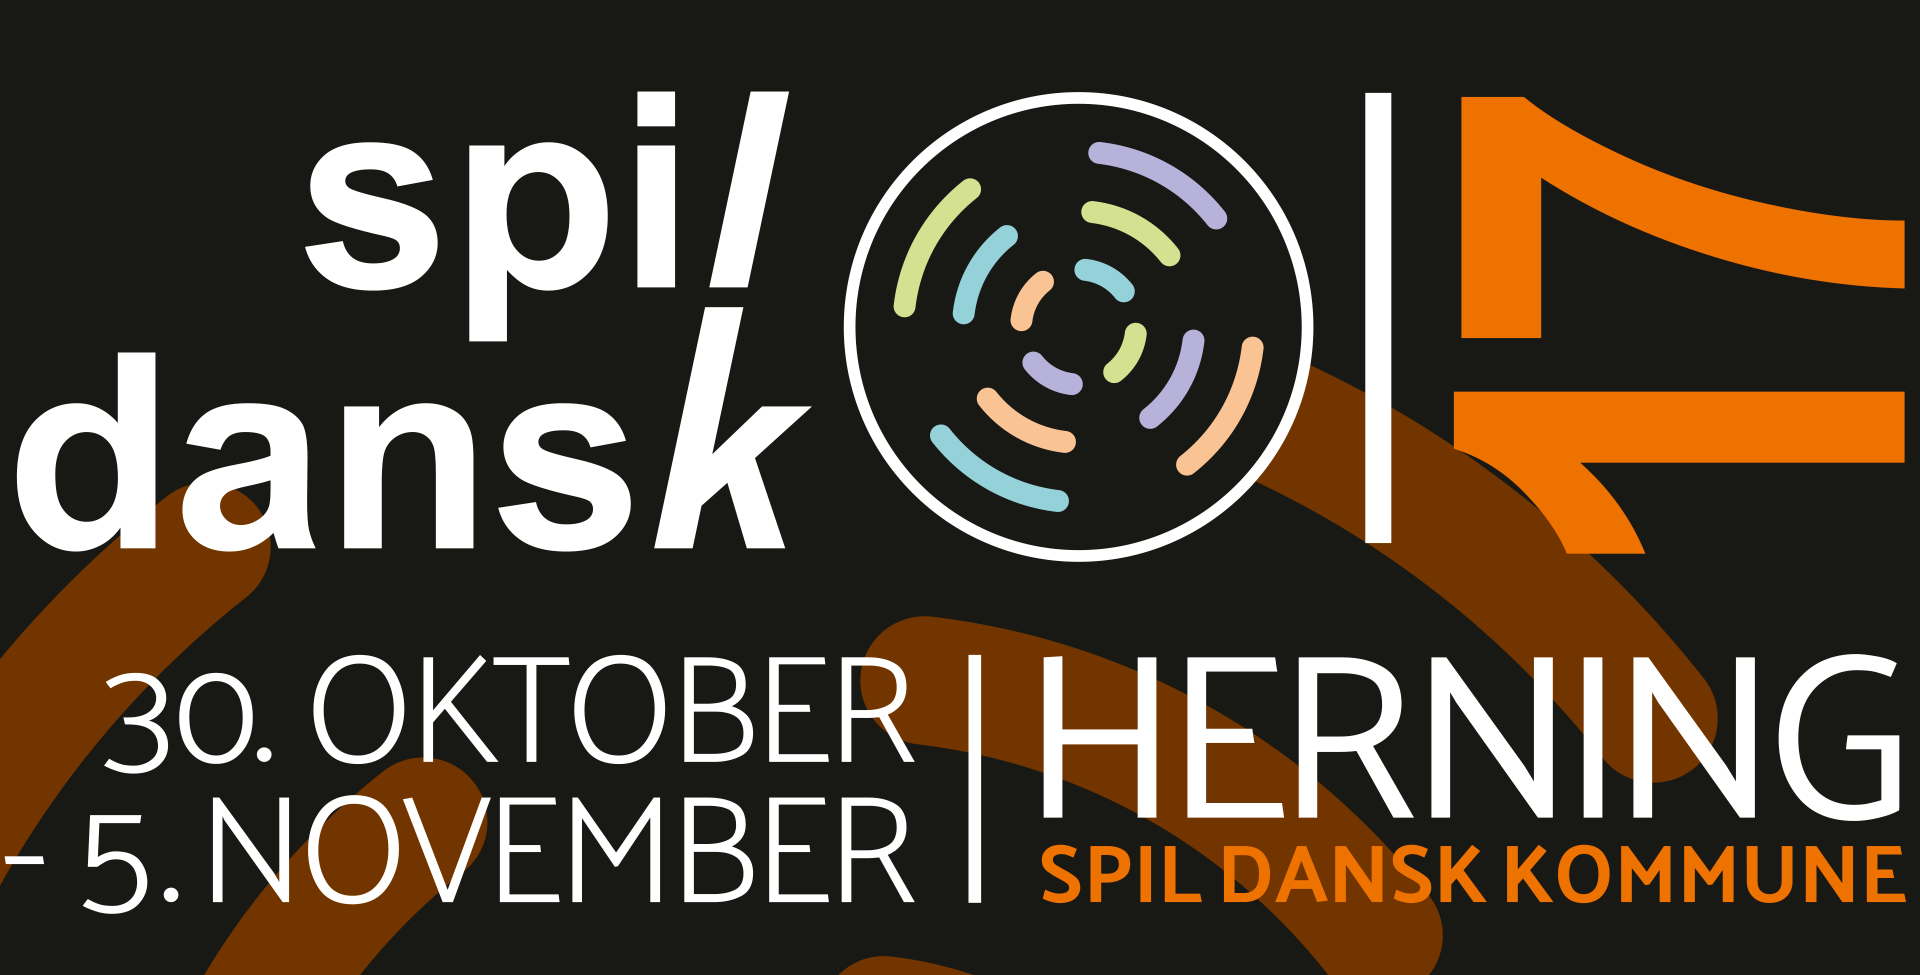 Spil Dansk Herning logo